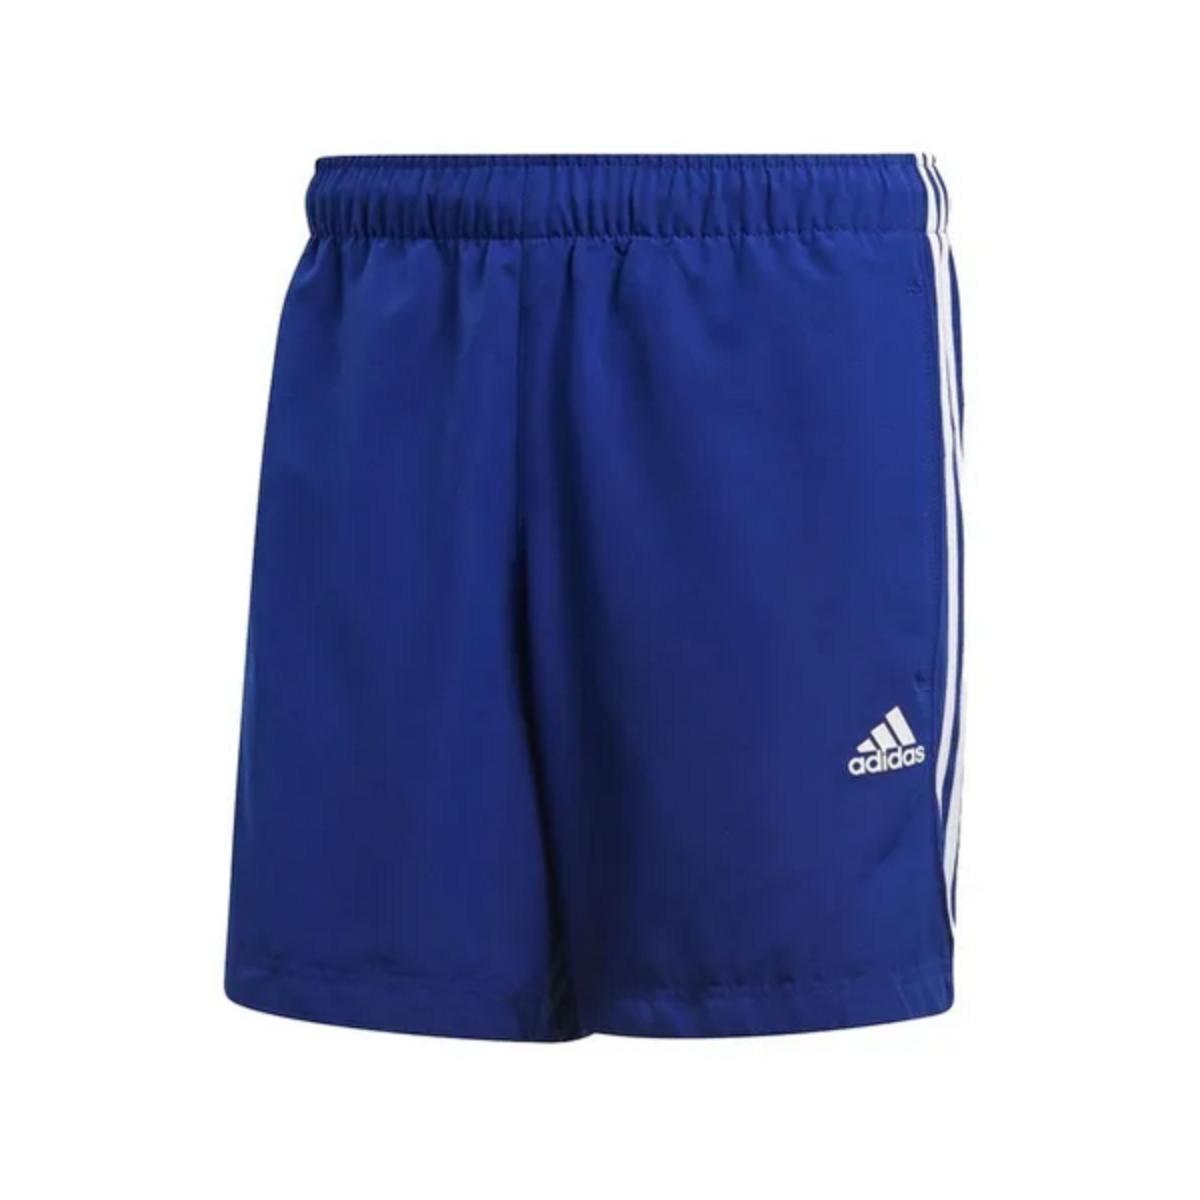 Calçao Masculino Adidas Cz7378 Ess 3s ch Azul/branco